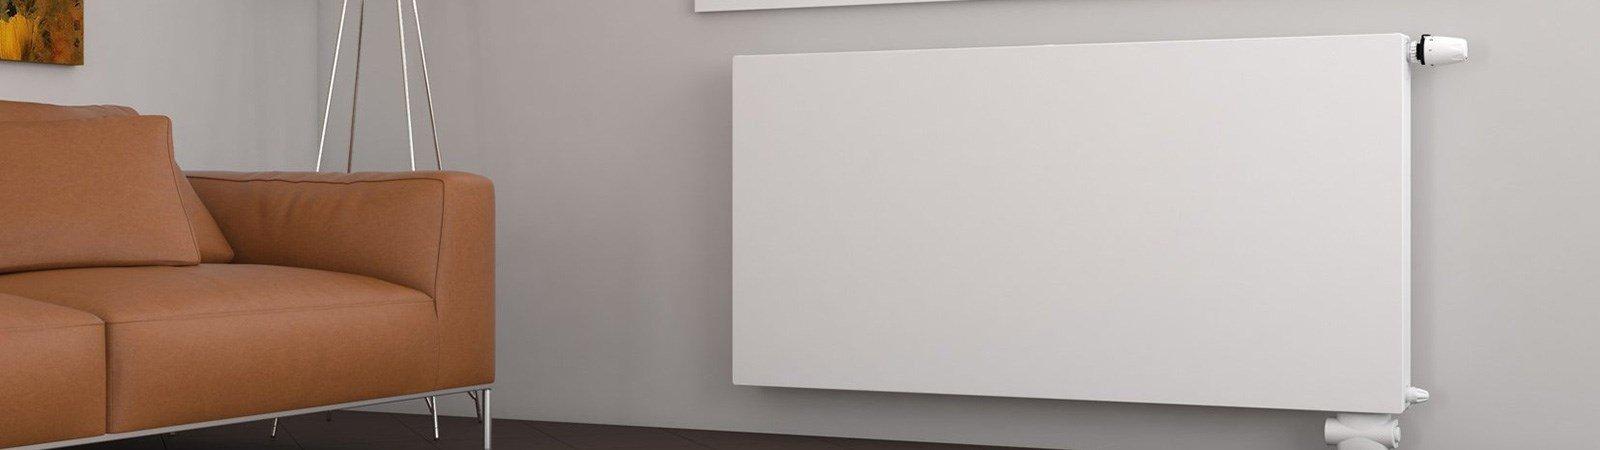 Plattenheizkörper: Ein effizientes Stück Wohndesign